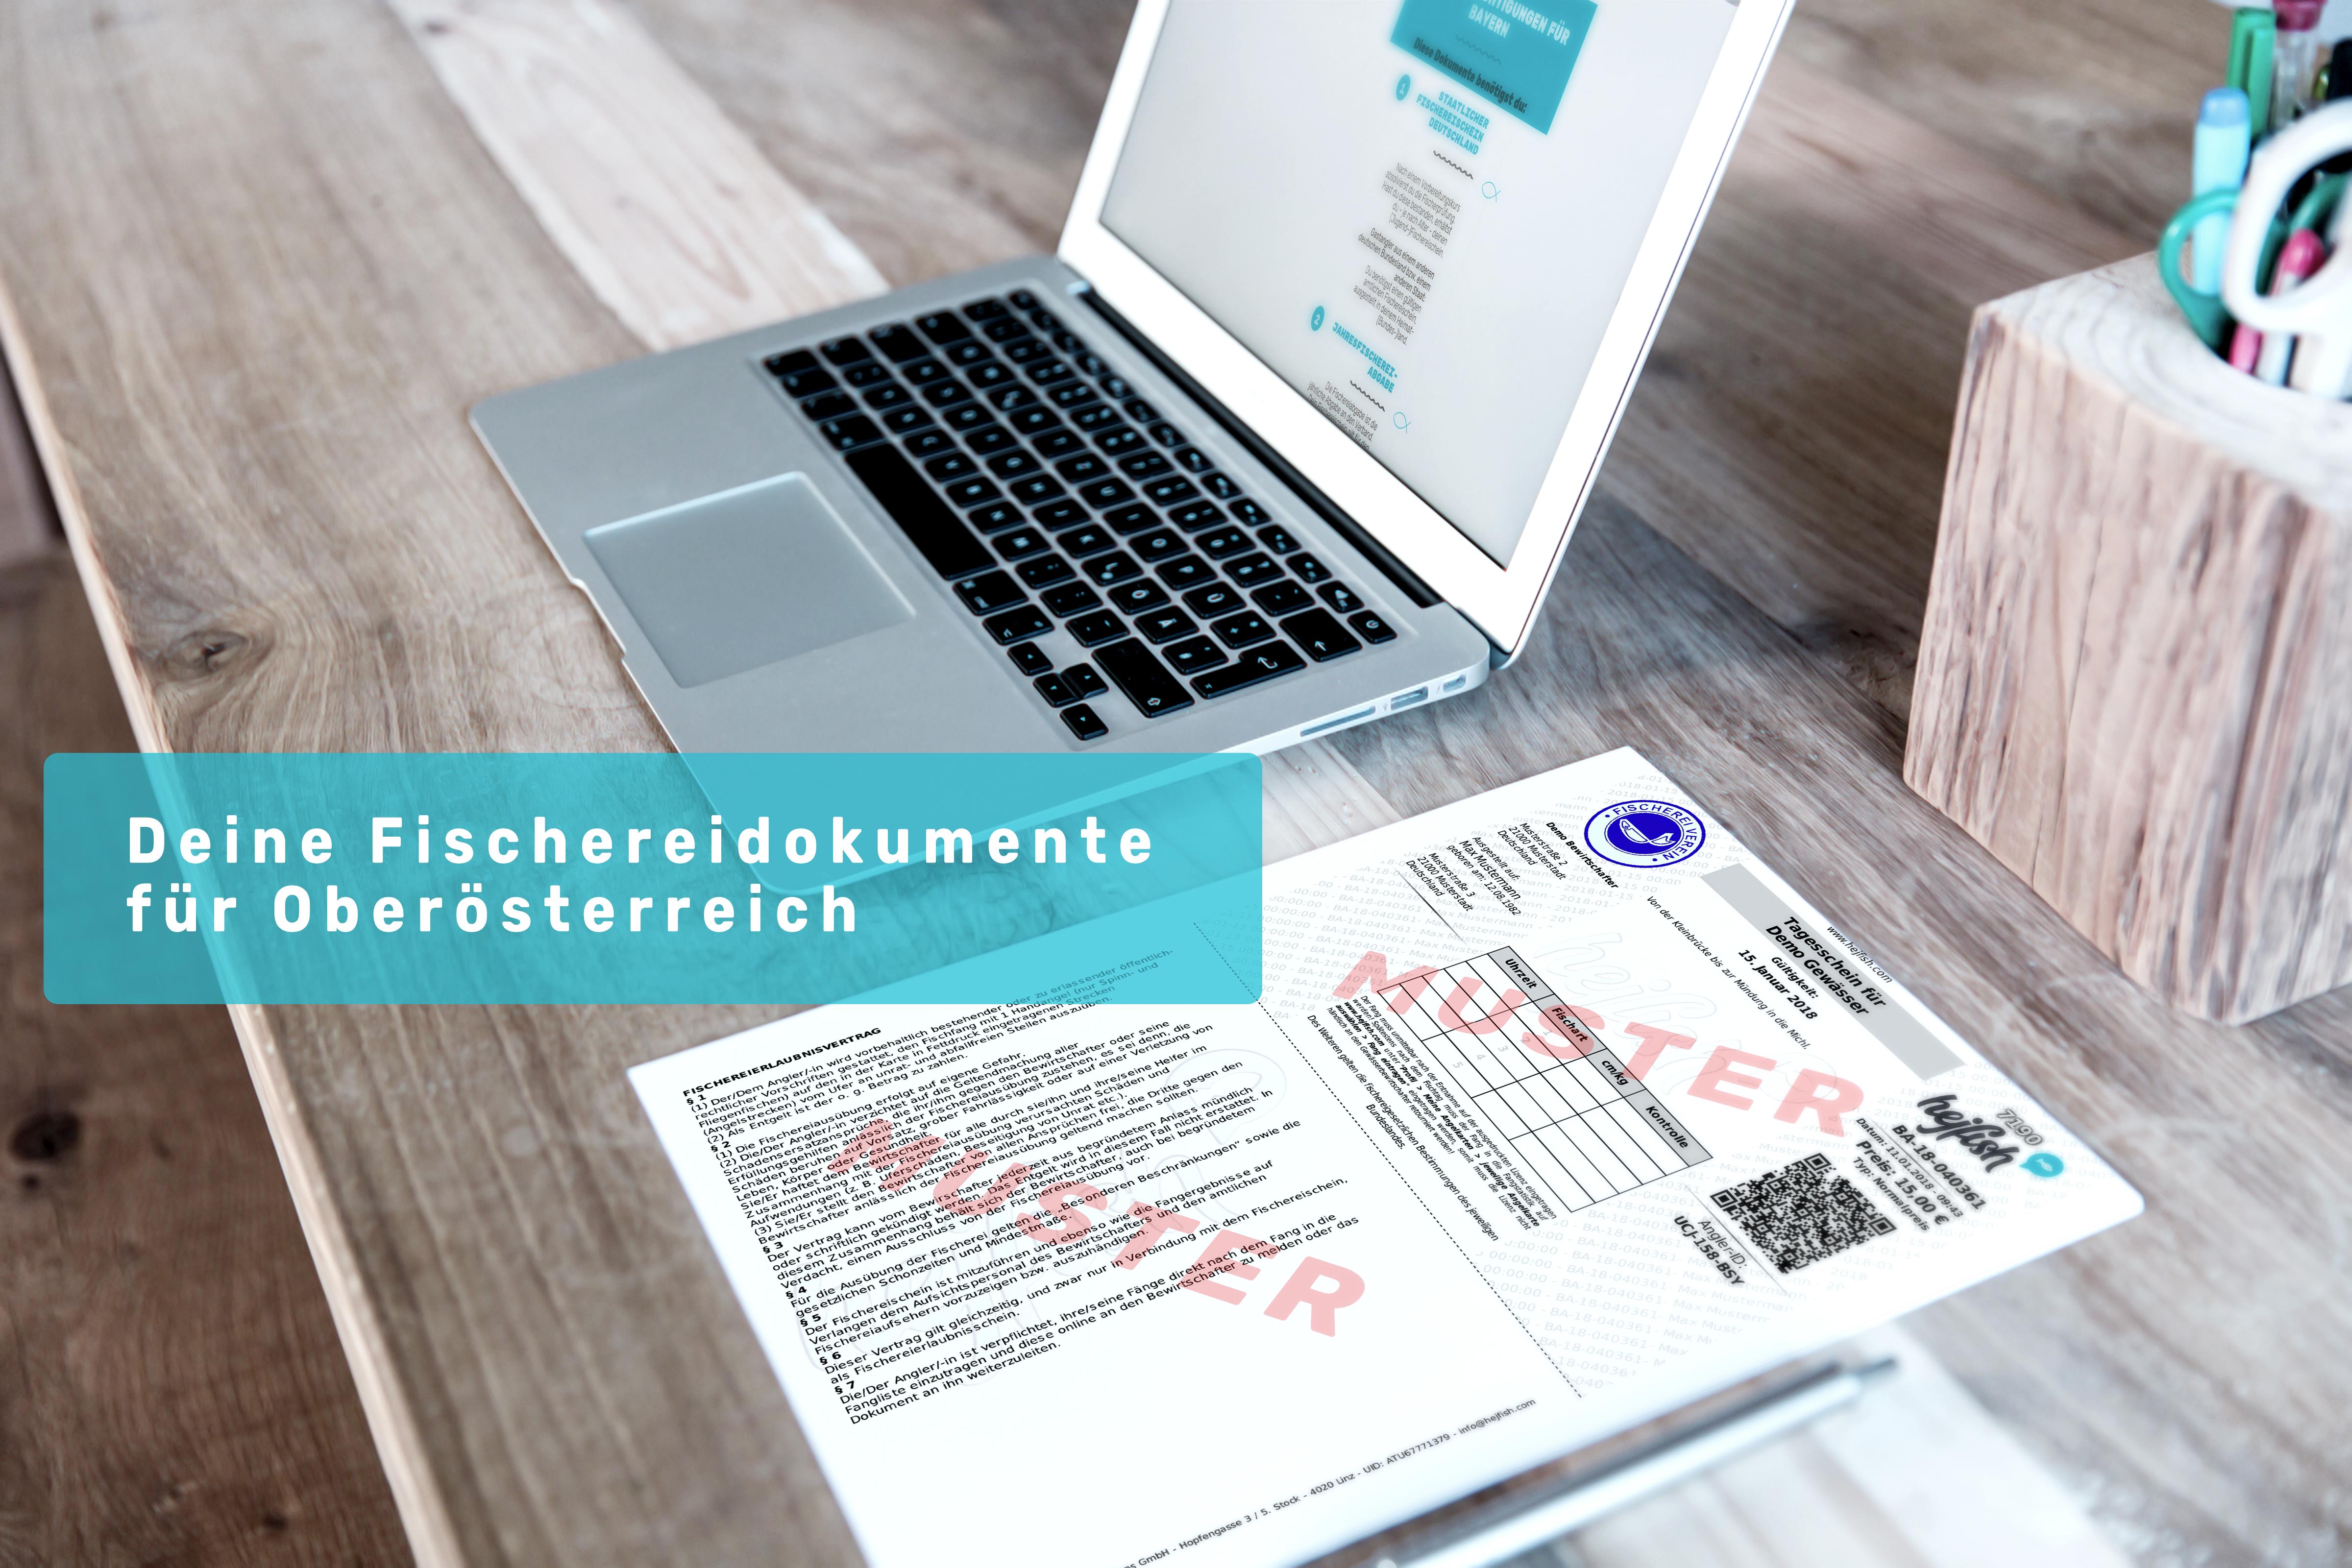 Schreibtisch und Laptop mit Angeln in Oberösterreich.